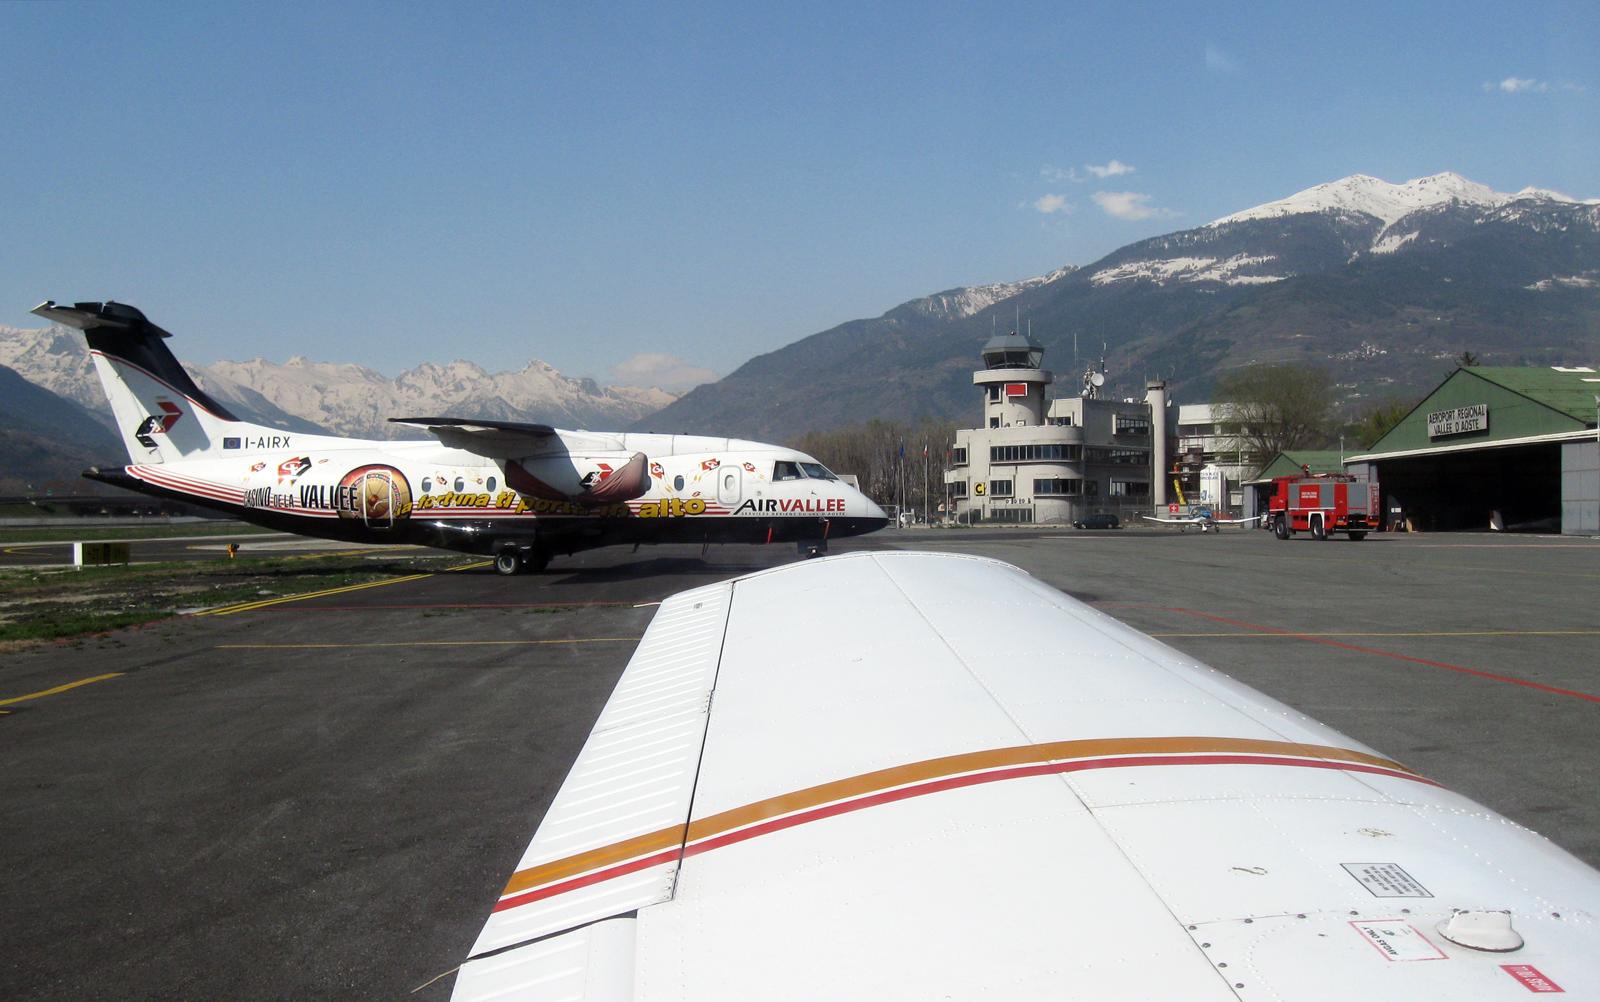 Aeroporto Aosta : File aeroporto di aosta limw wikimedia commons